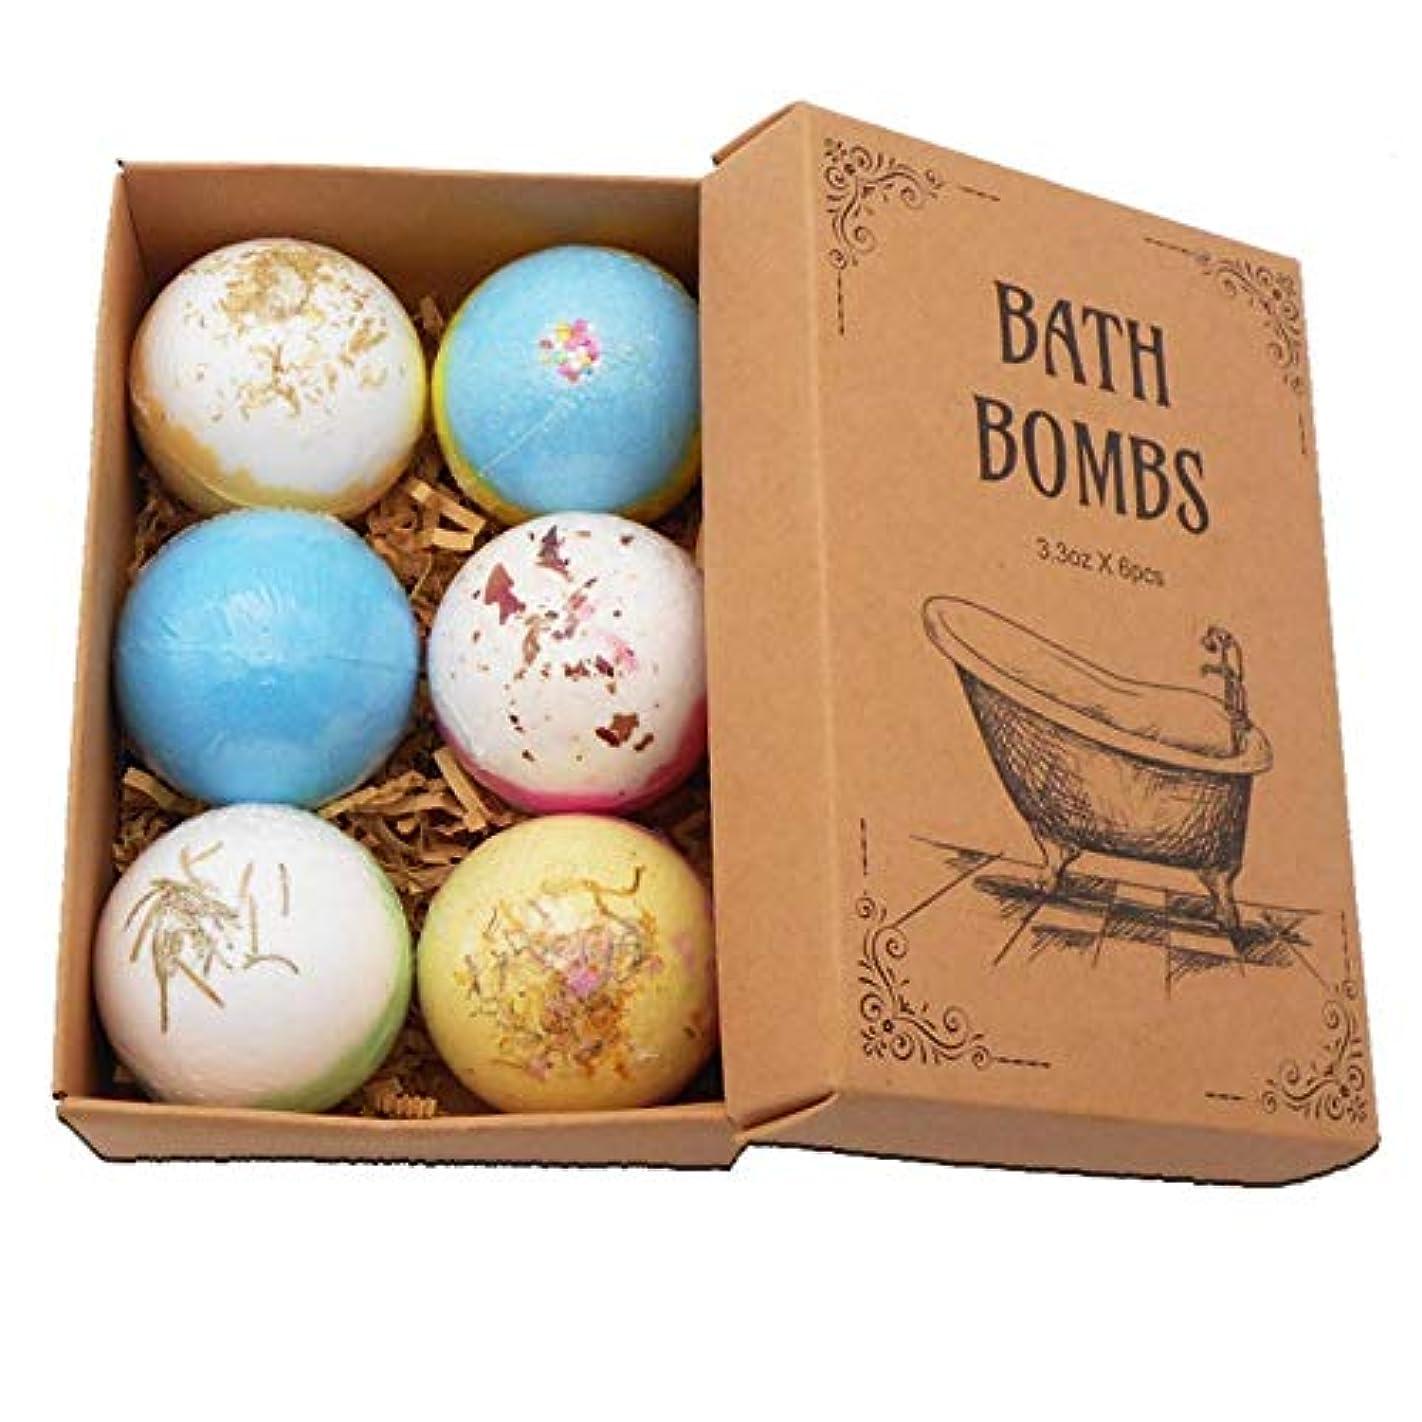 オセアニアバン私のColdwhite 6PCSバスボム 自然な手作りの海塩ラベンダー風呂爆弾 母のガールフレンドのためのスパ発泡爆弾ギフト